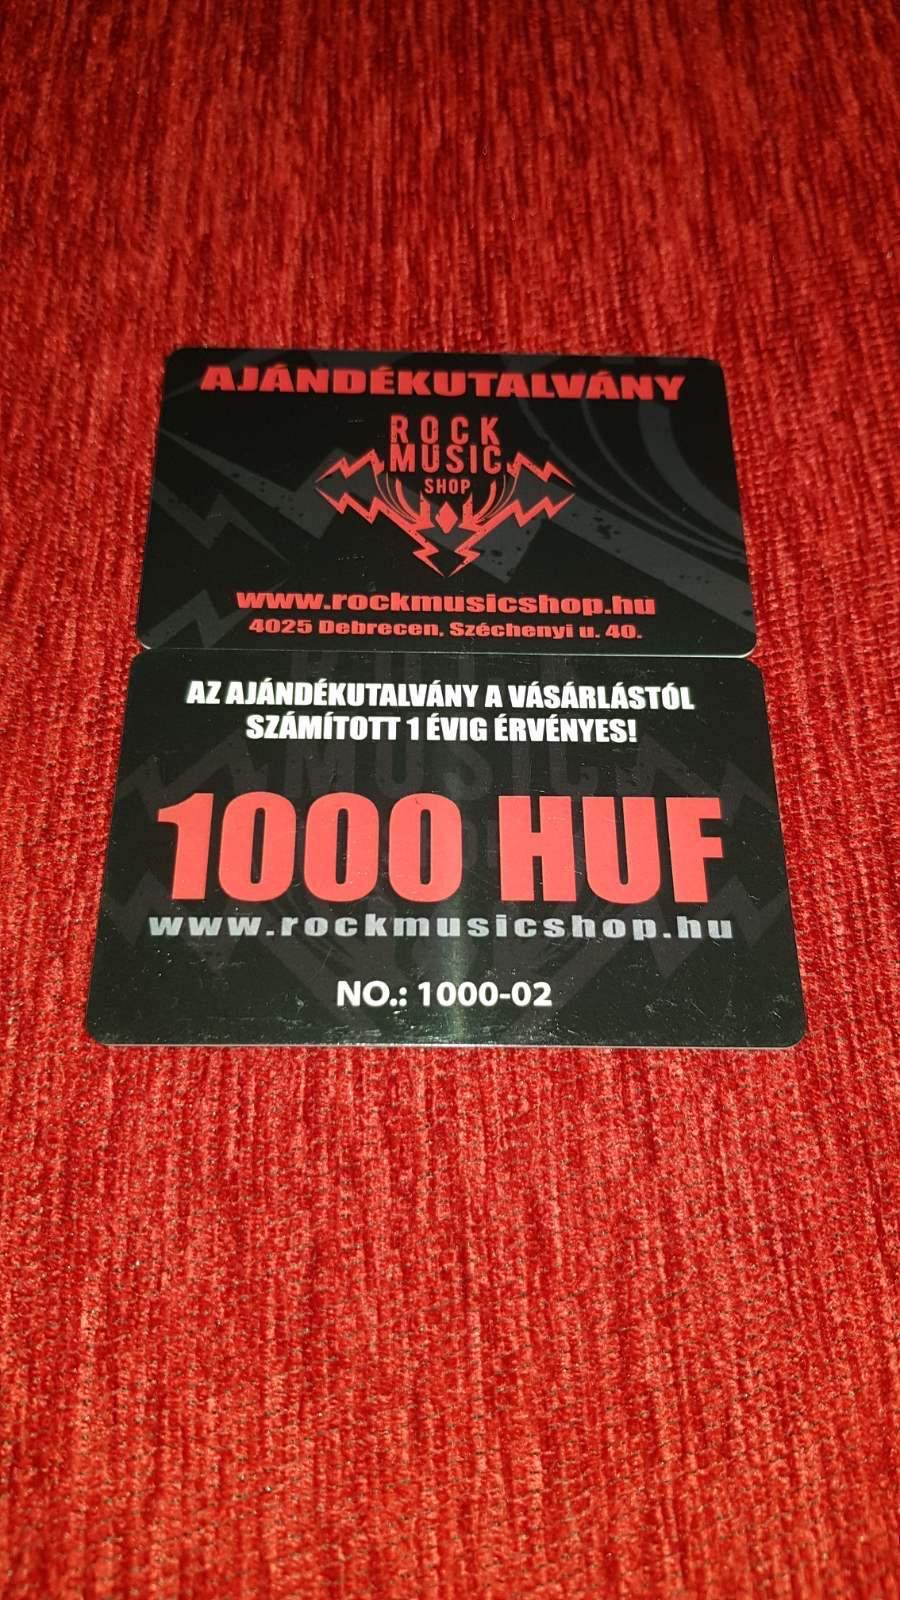 AJÁNDÉKUTALVÁNY PLASZTIK KÁRTYA (1000 HUF)